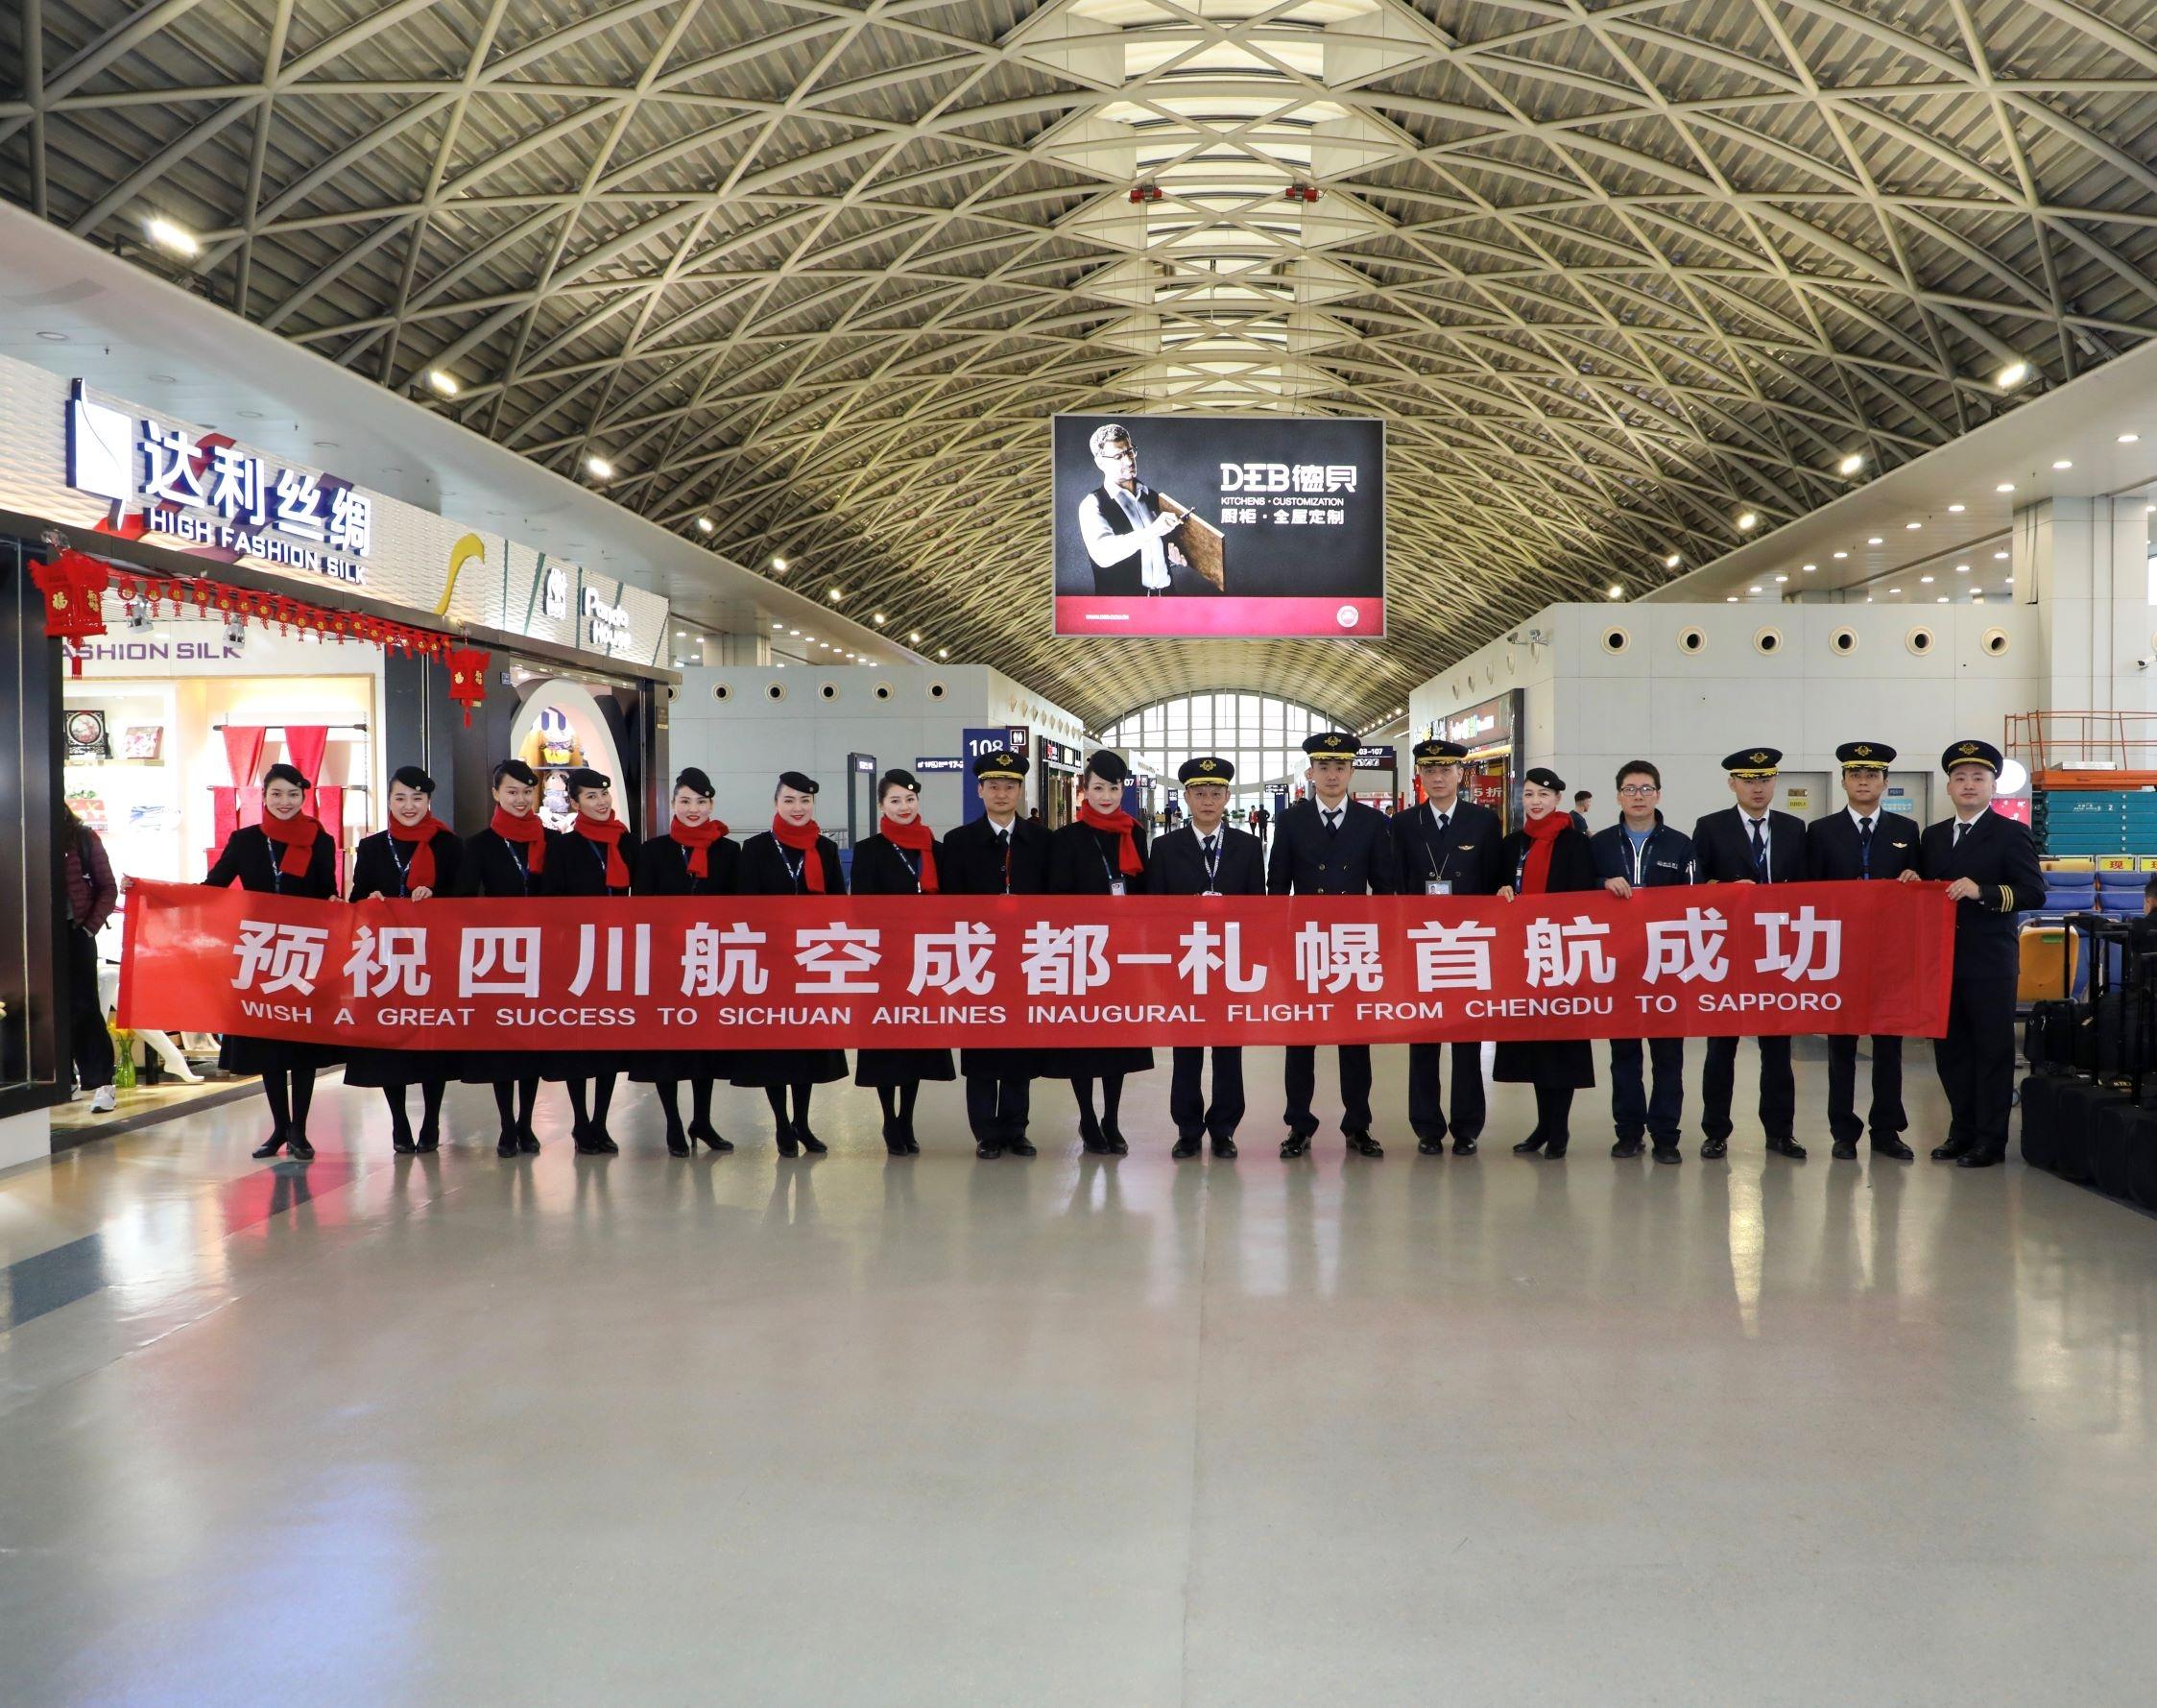 1月17日 四川航空正式开通成都直飞札幌航线